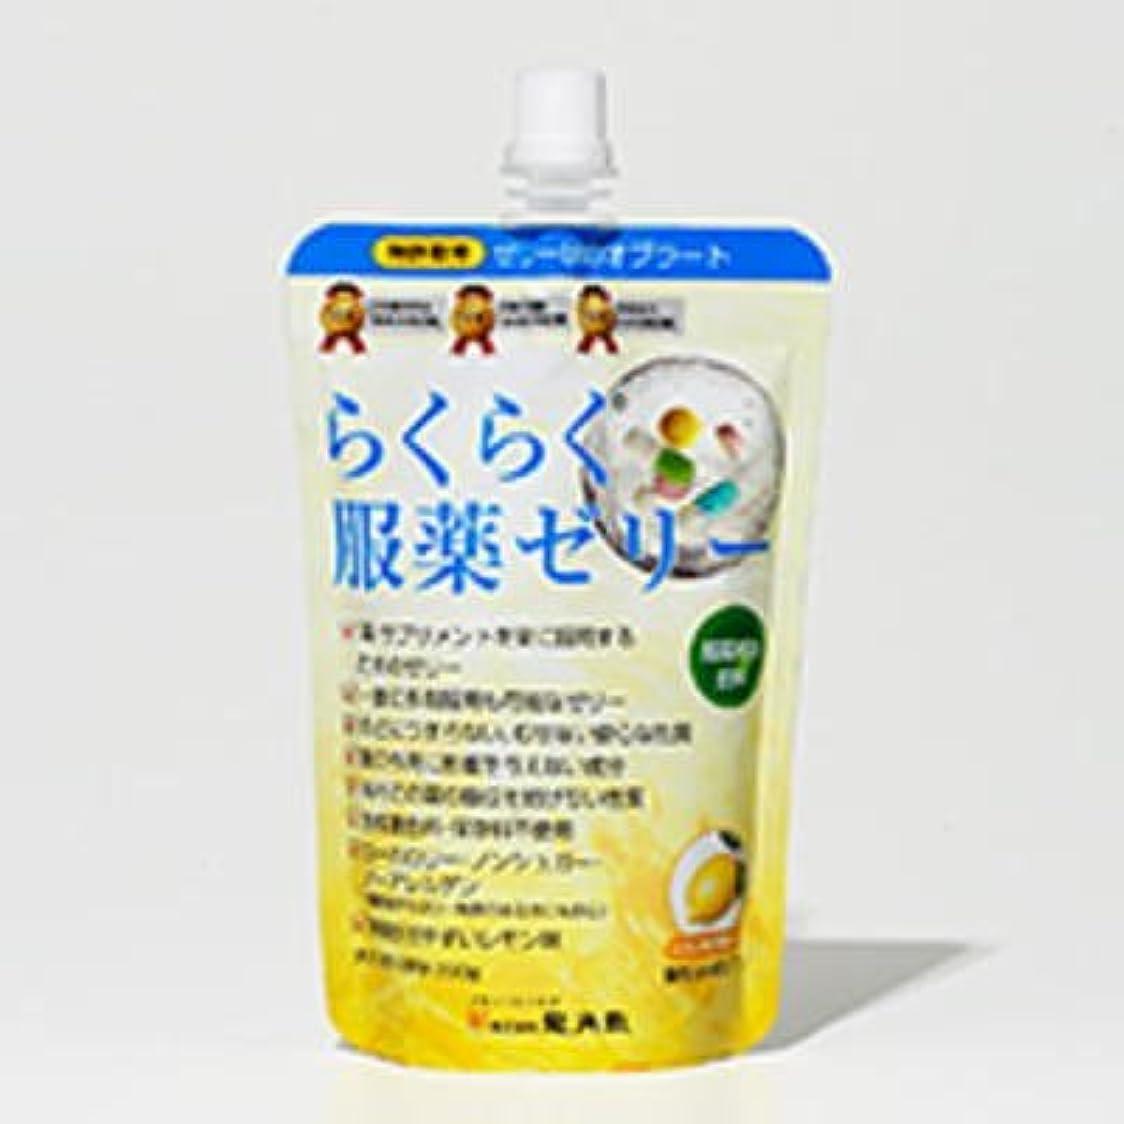 変換ミント漫画龍角散 らくらく服薬ゼリー チアパック レモン味 200g×3袋セット